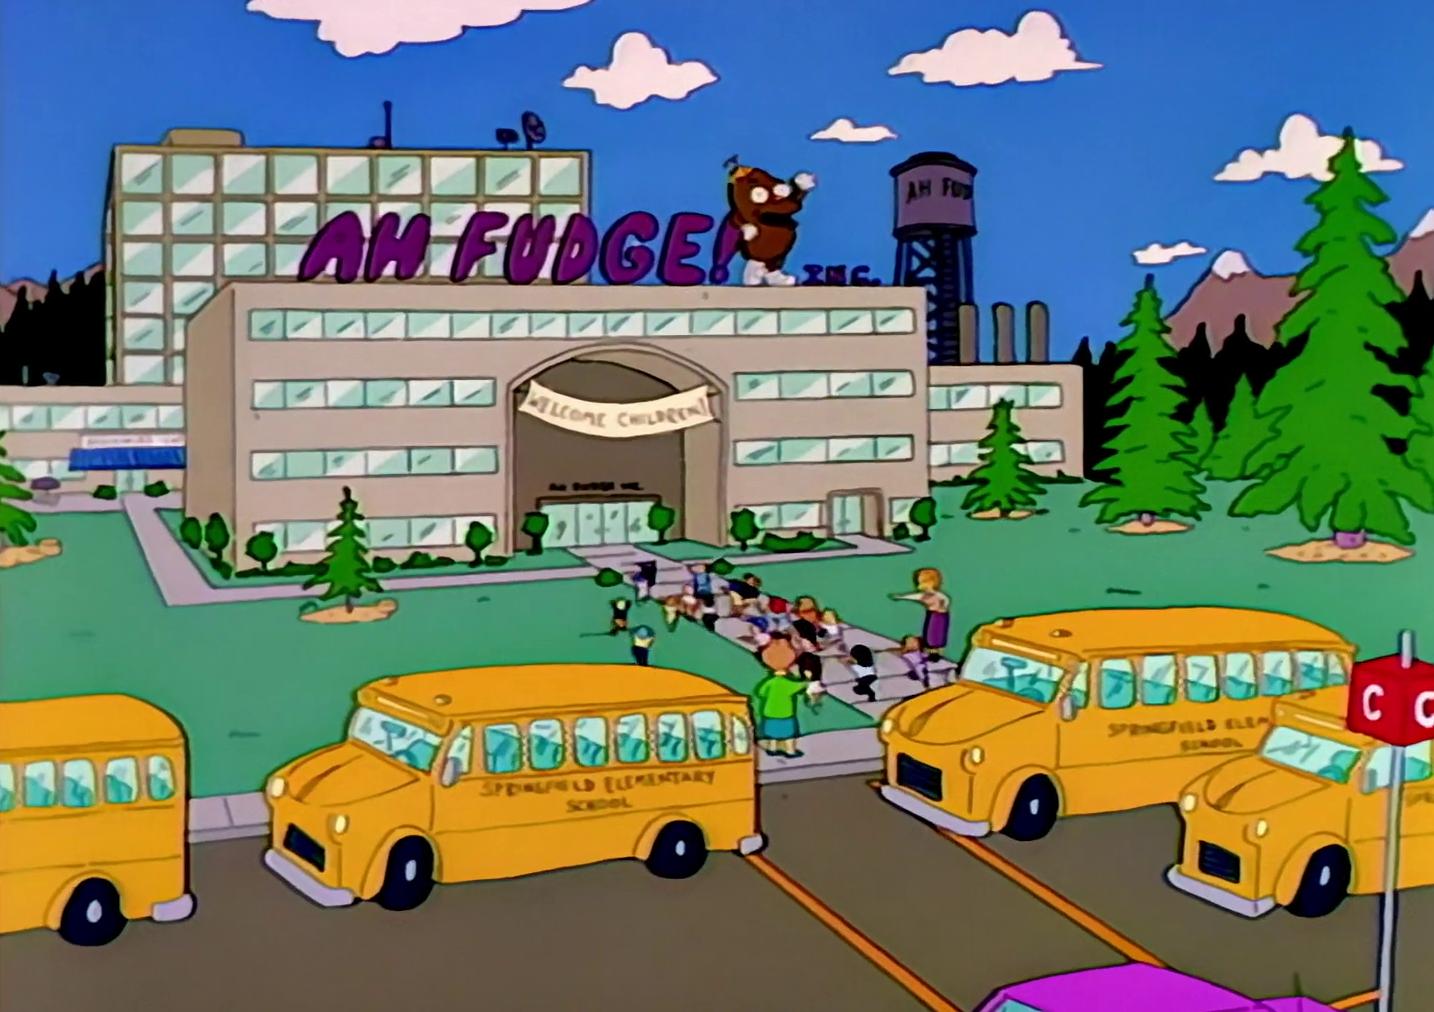 Ah, Fudge! Factory